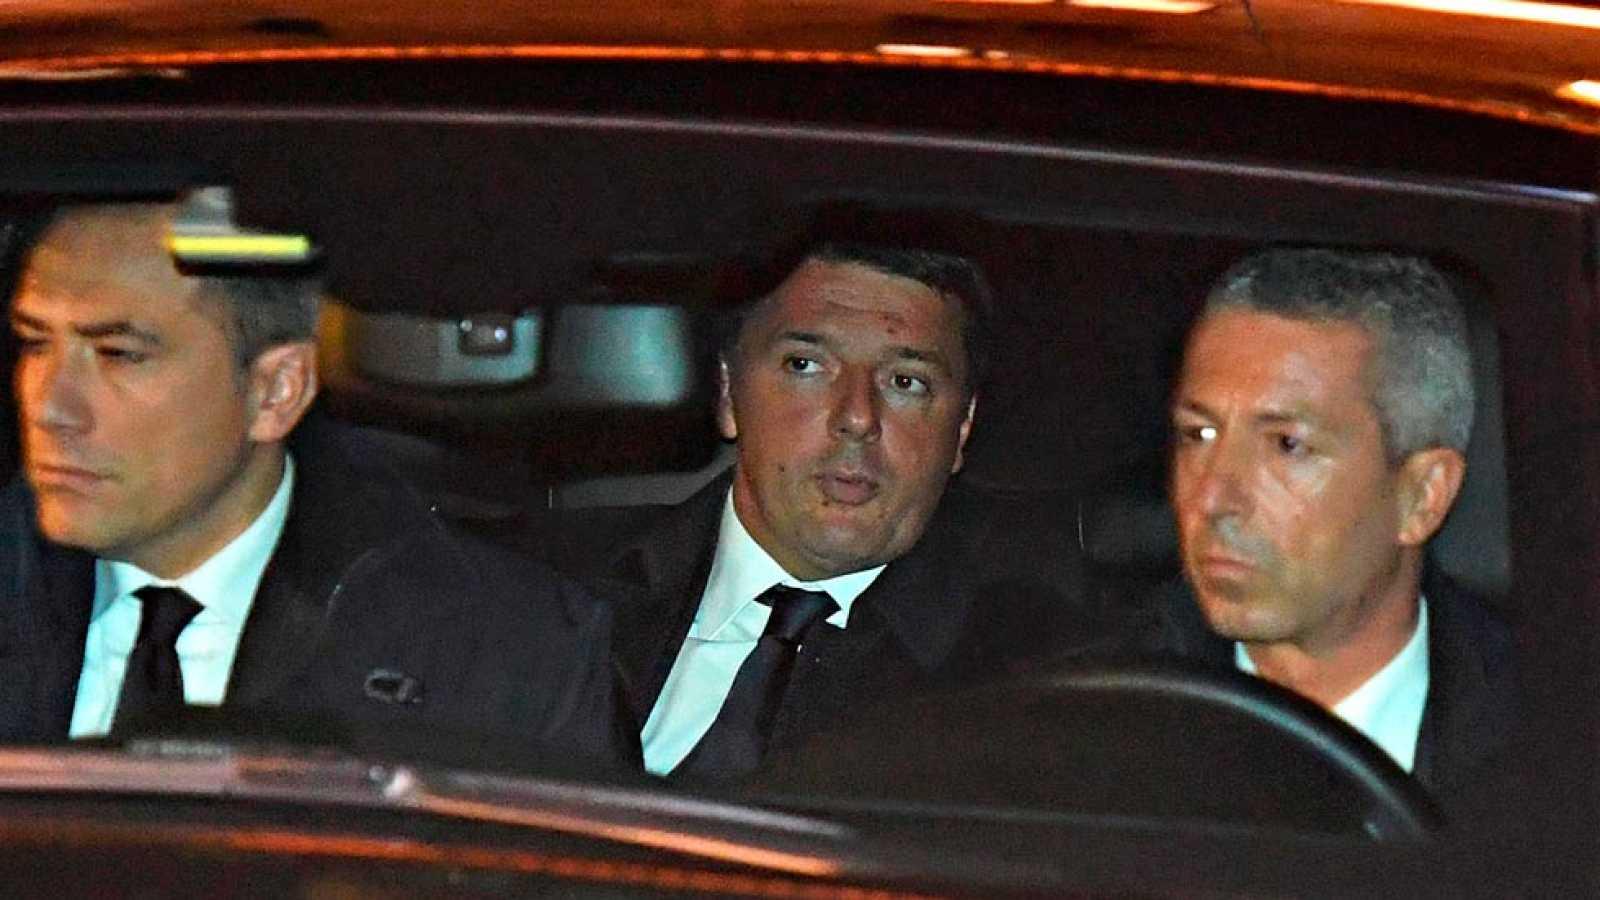 Renzi pospone unos días su dimisión a petición del presidente de Italia